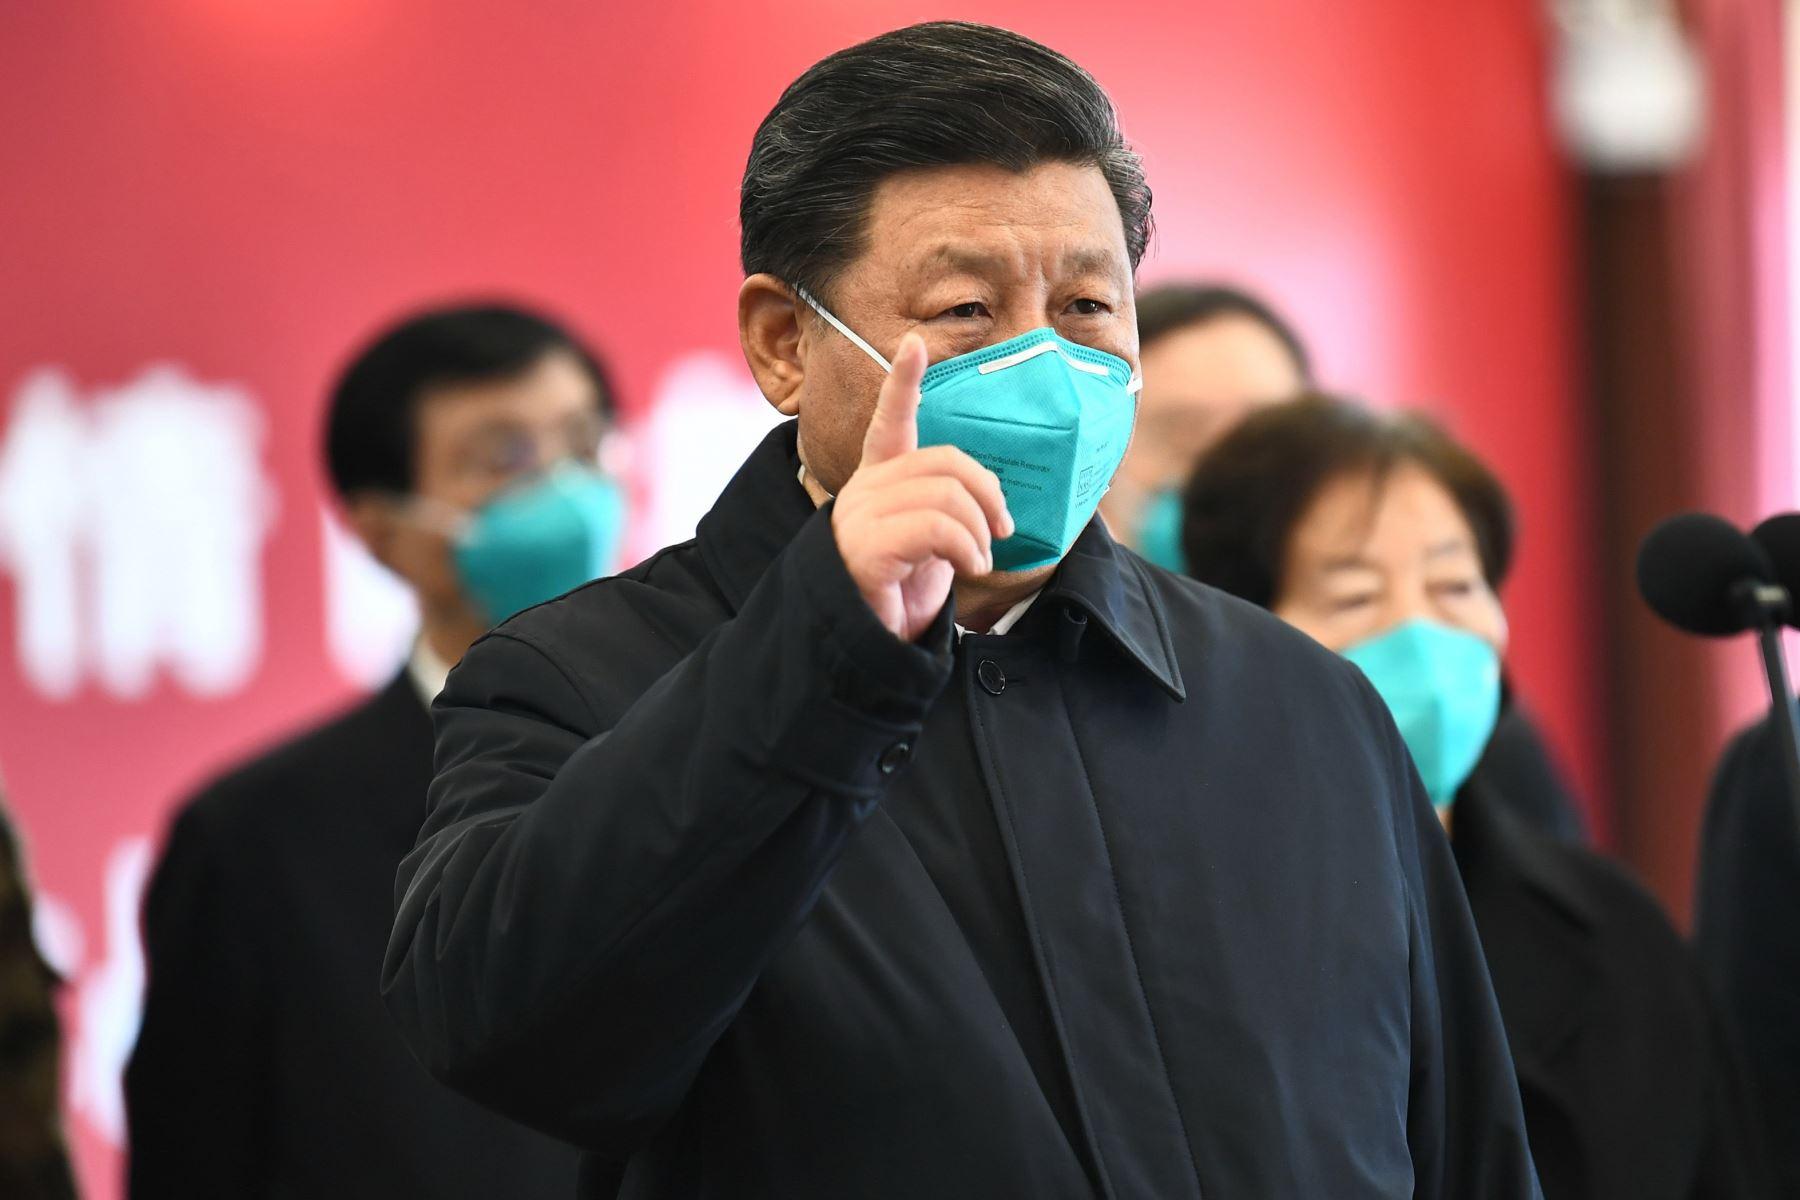 El presidente chino Xi Jinping propuso que se convoque a una reunión de ministros de Salud del G20. Foto:  AFP